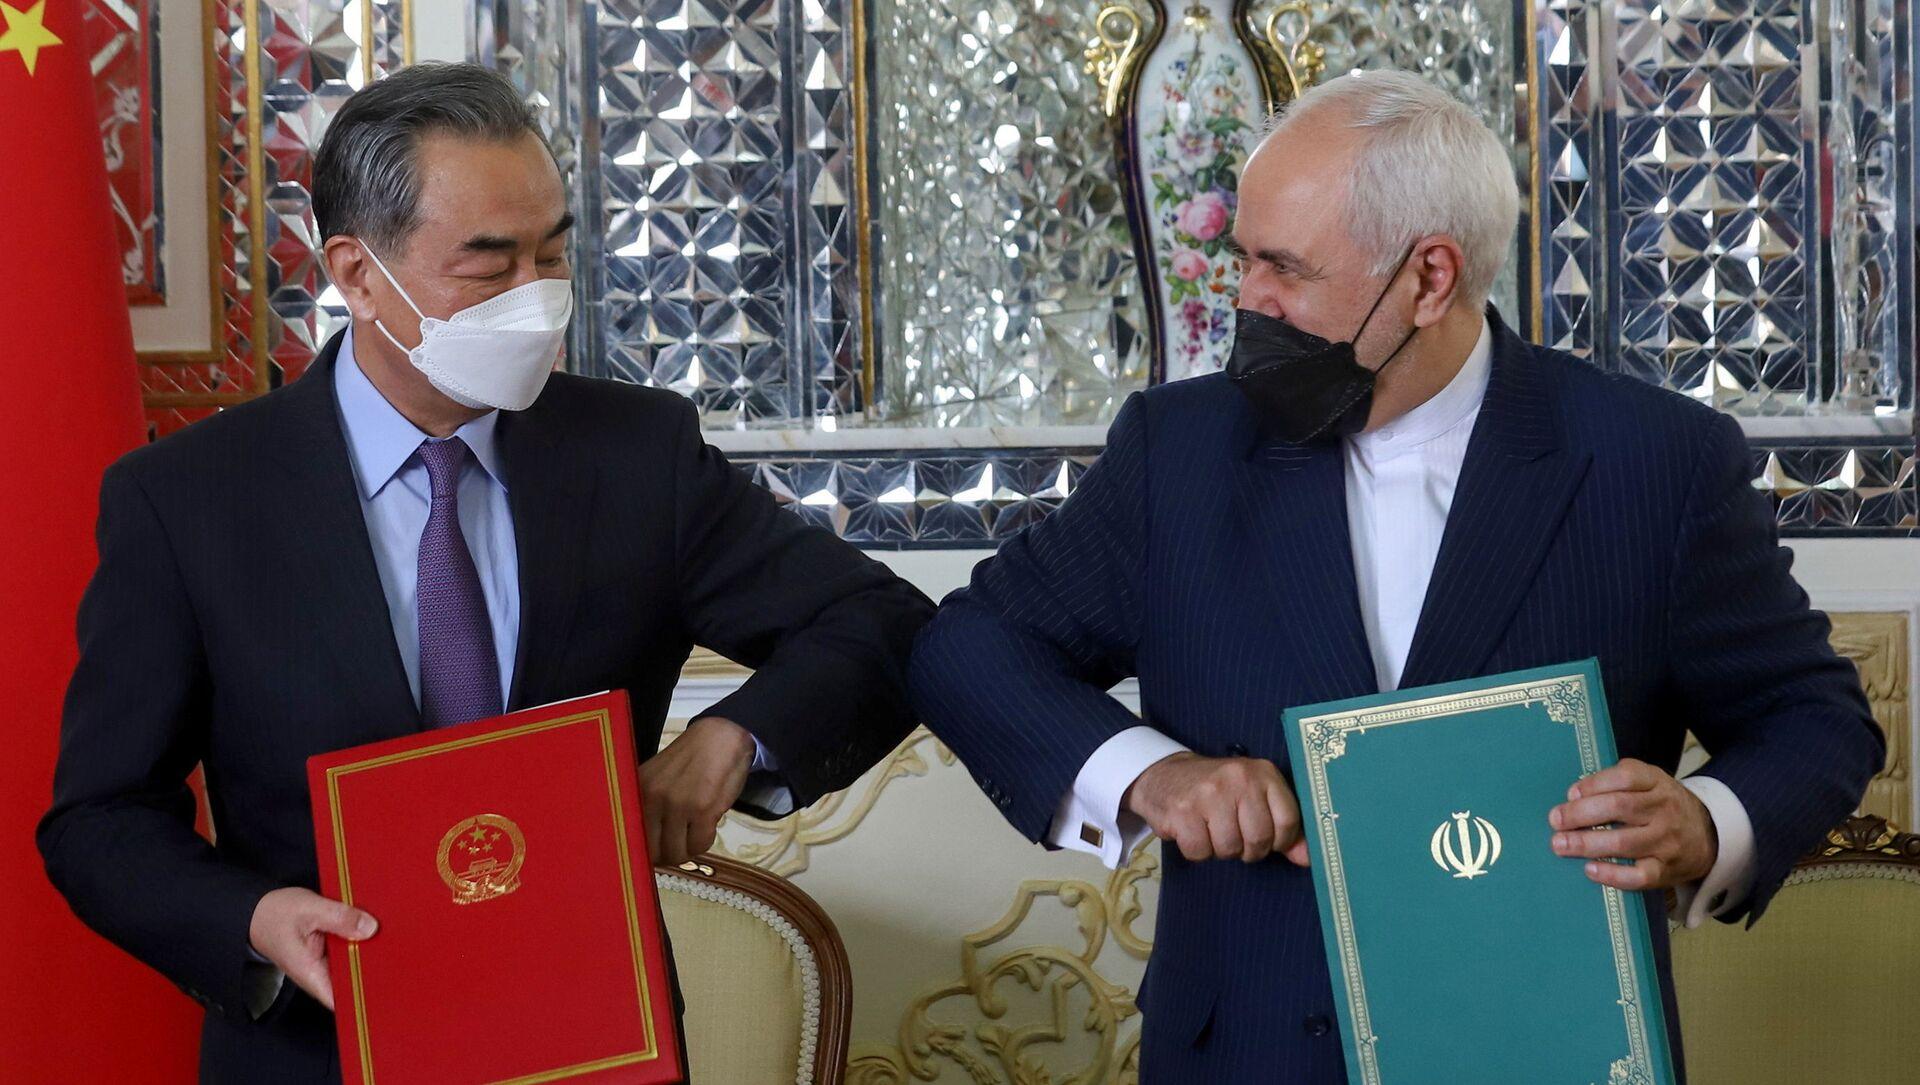 Bộ trưởng Ngoại giao Trung Quốc Vương Nghị và Bộ trưởng Ngoại giao Iran Mohammad Javad Zarif tại lễ ký kết thỏa thuận hợp tác 25 năm ở Tehran. - Sputnik Việt Nam, 1920, 30.03.2021